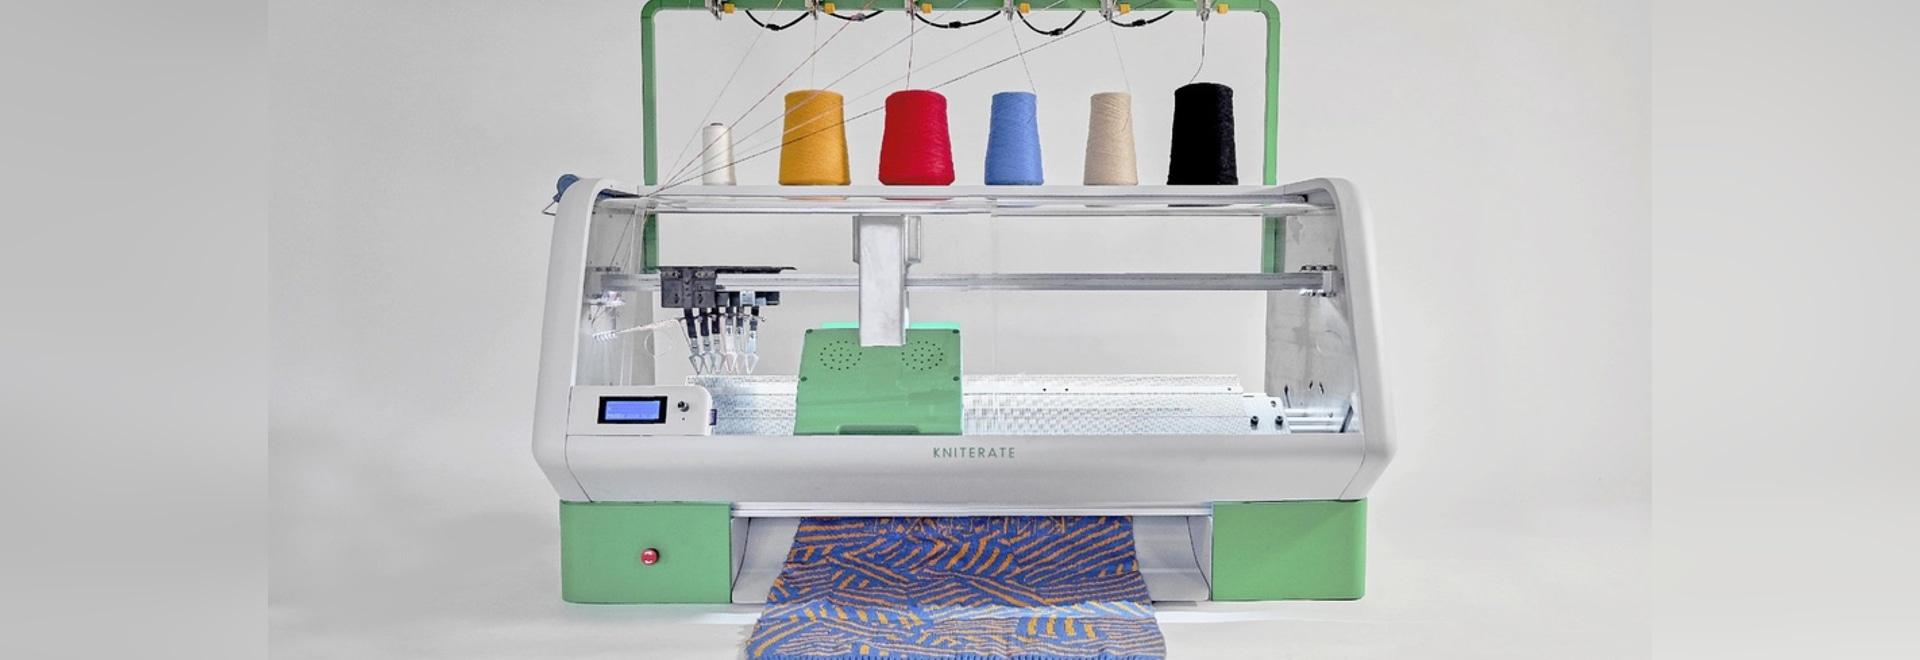 Une machine à tricoter de New Digital